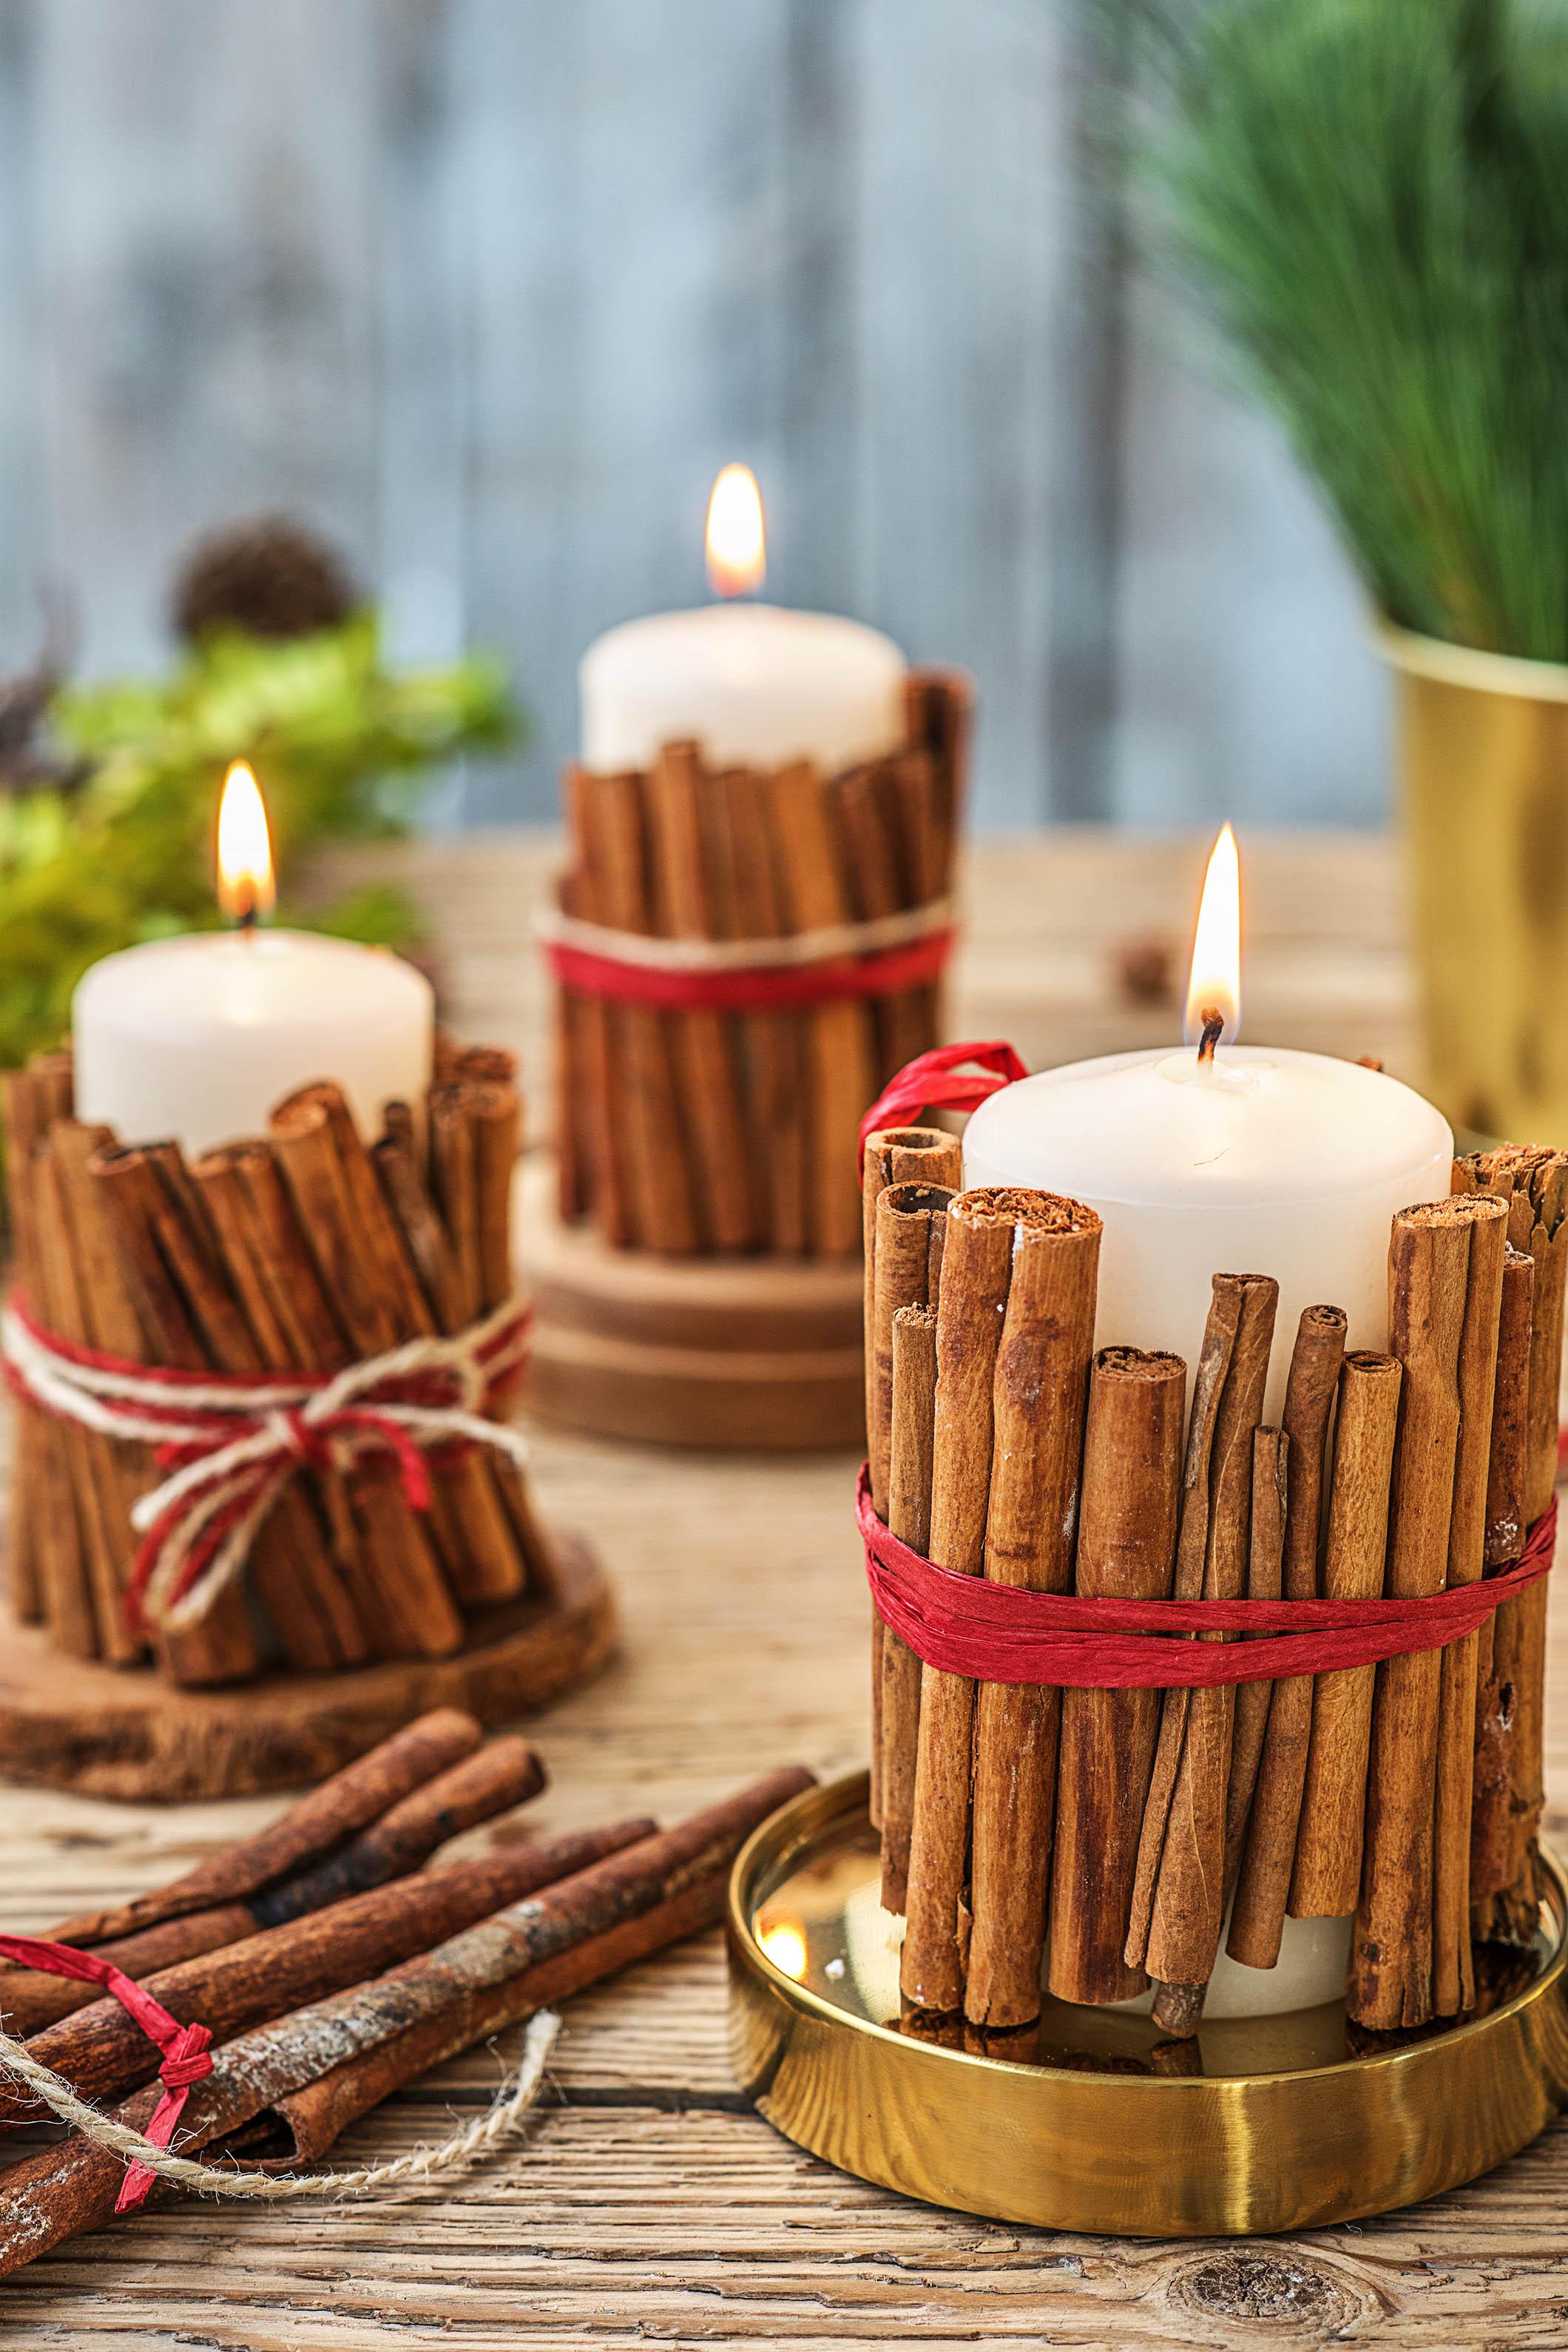 weihnachtsgeschenke selber machen 6 einfache ideen essenzeit. Black Bedroom Furniture Sets. Home Design Ideas